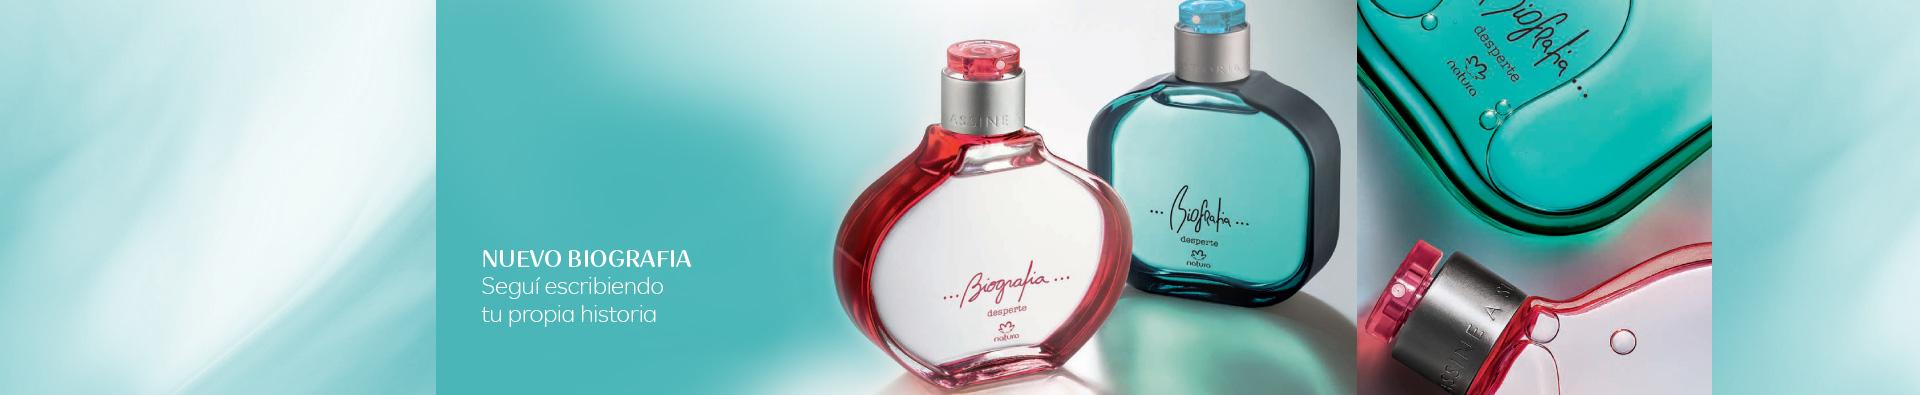 Dos perfumes Biografia